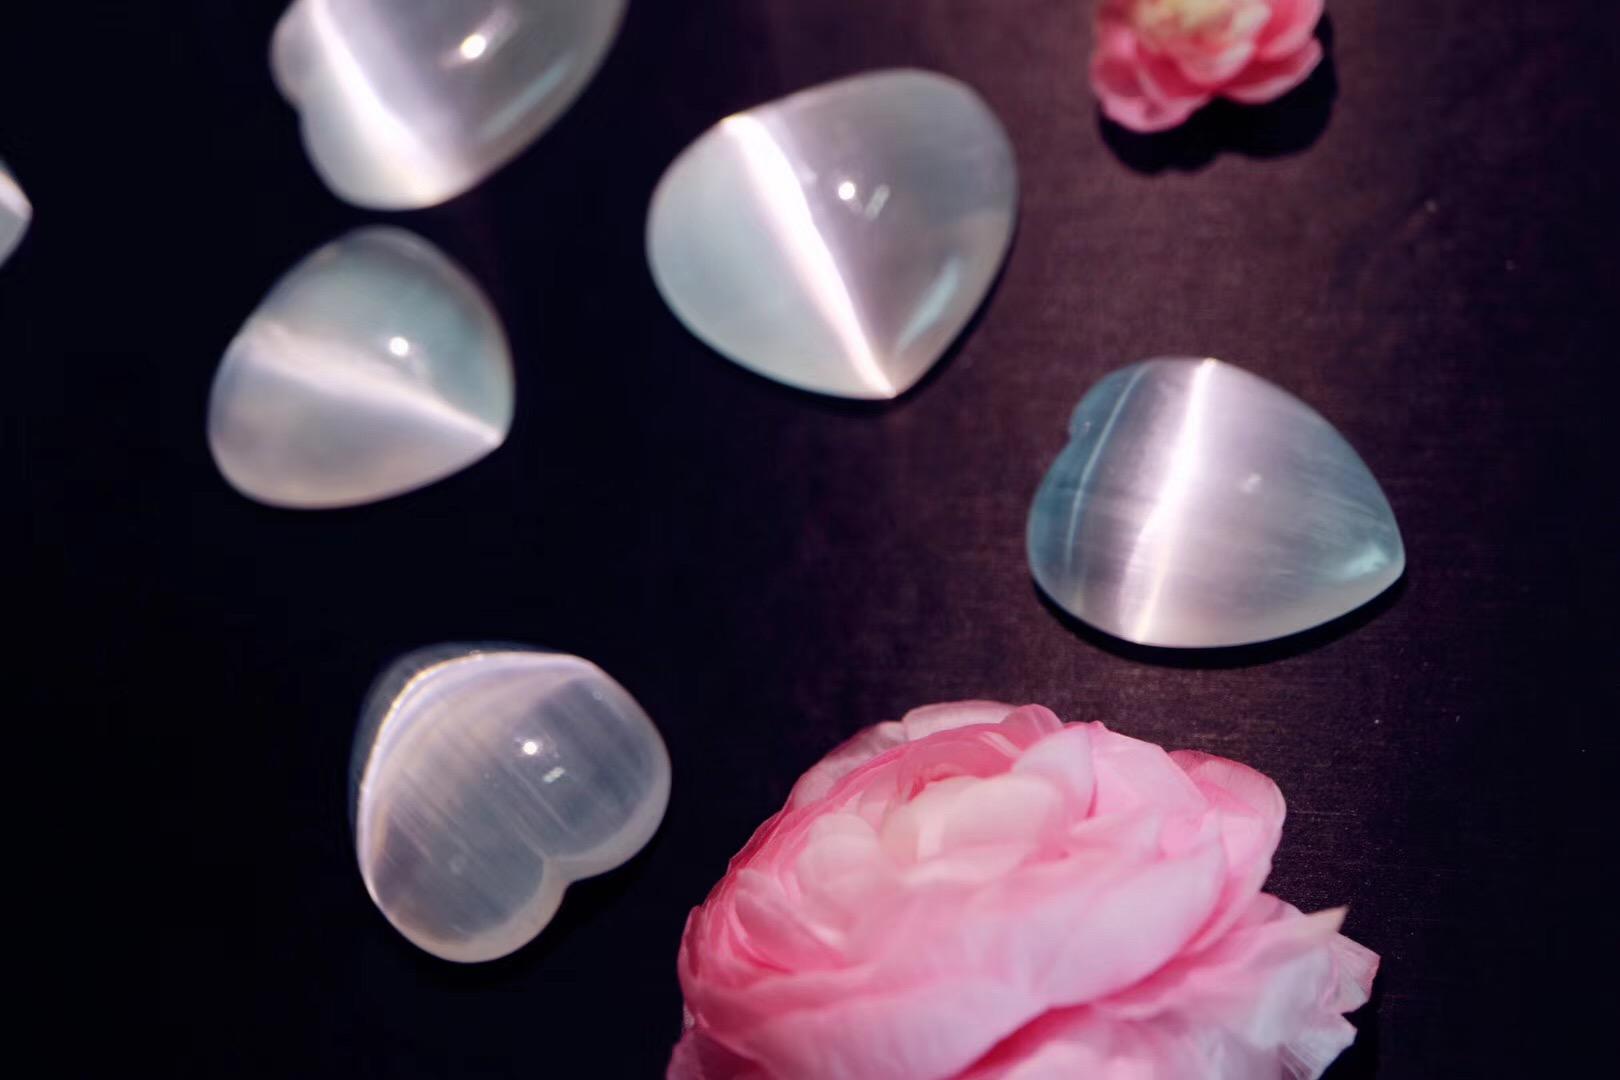 【菩心 | 透石膏 Selenite –神圣之光】晶石世界,因爱而生!-菩心晶舍